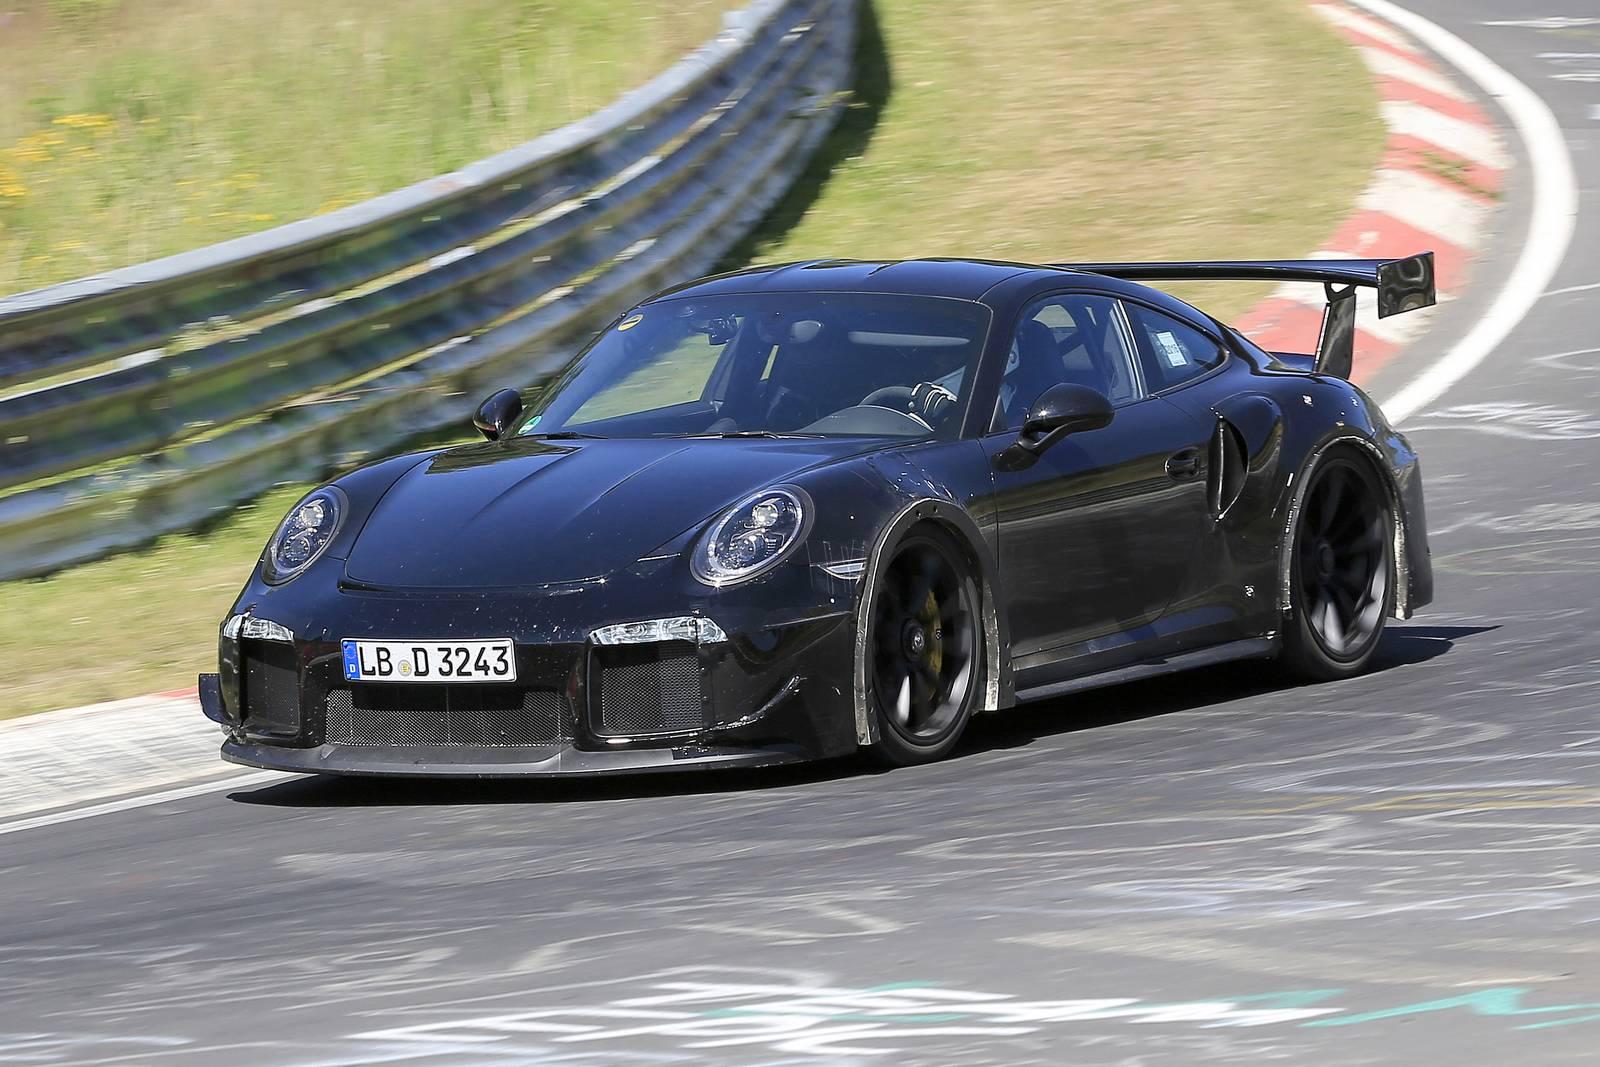 2018 Porsche 911 Gt2 Spy Shots At The Nurburgring Gtspirit